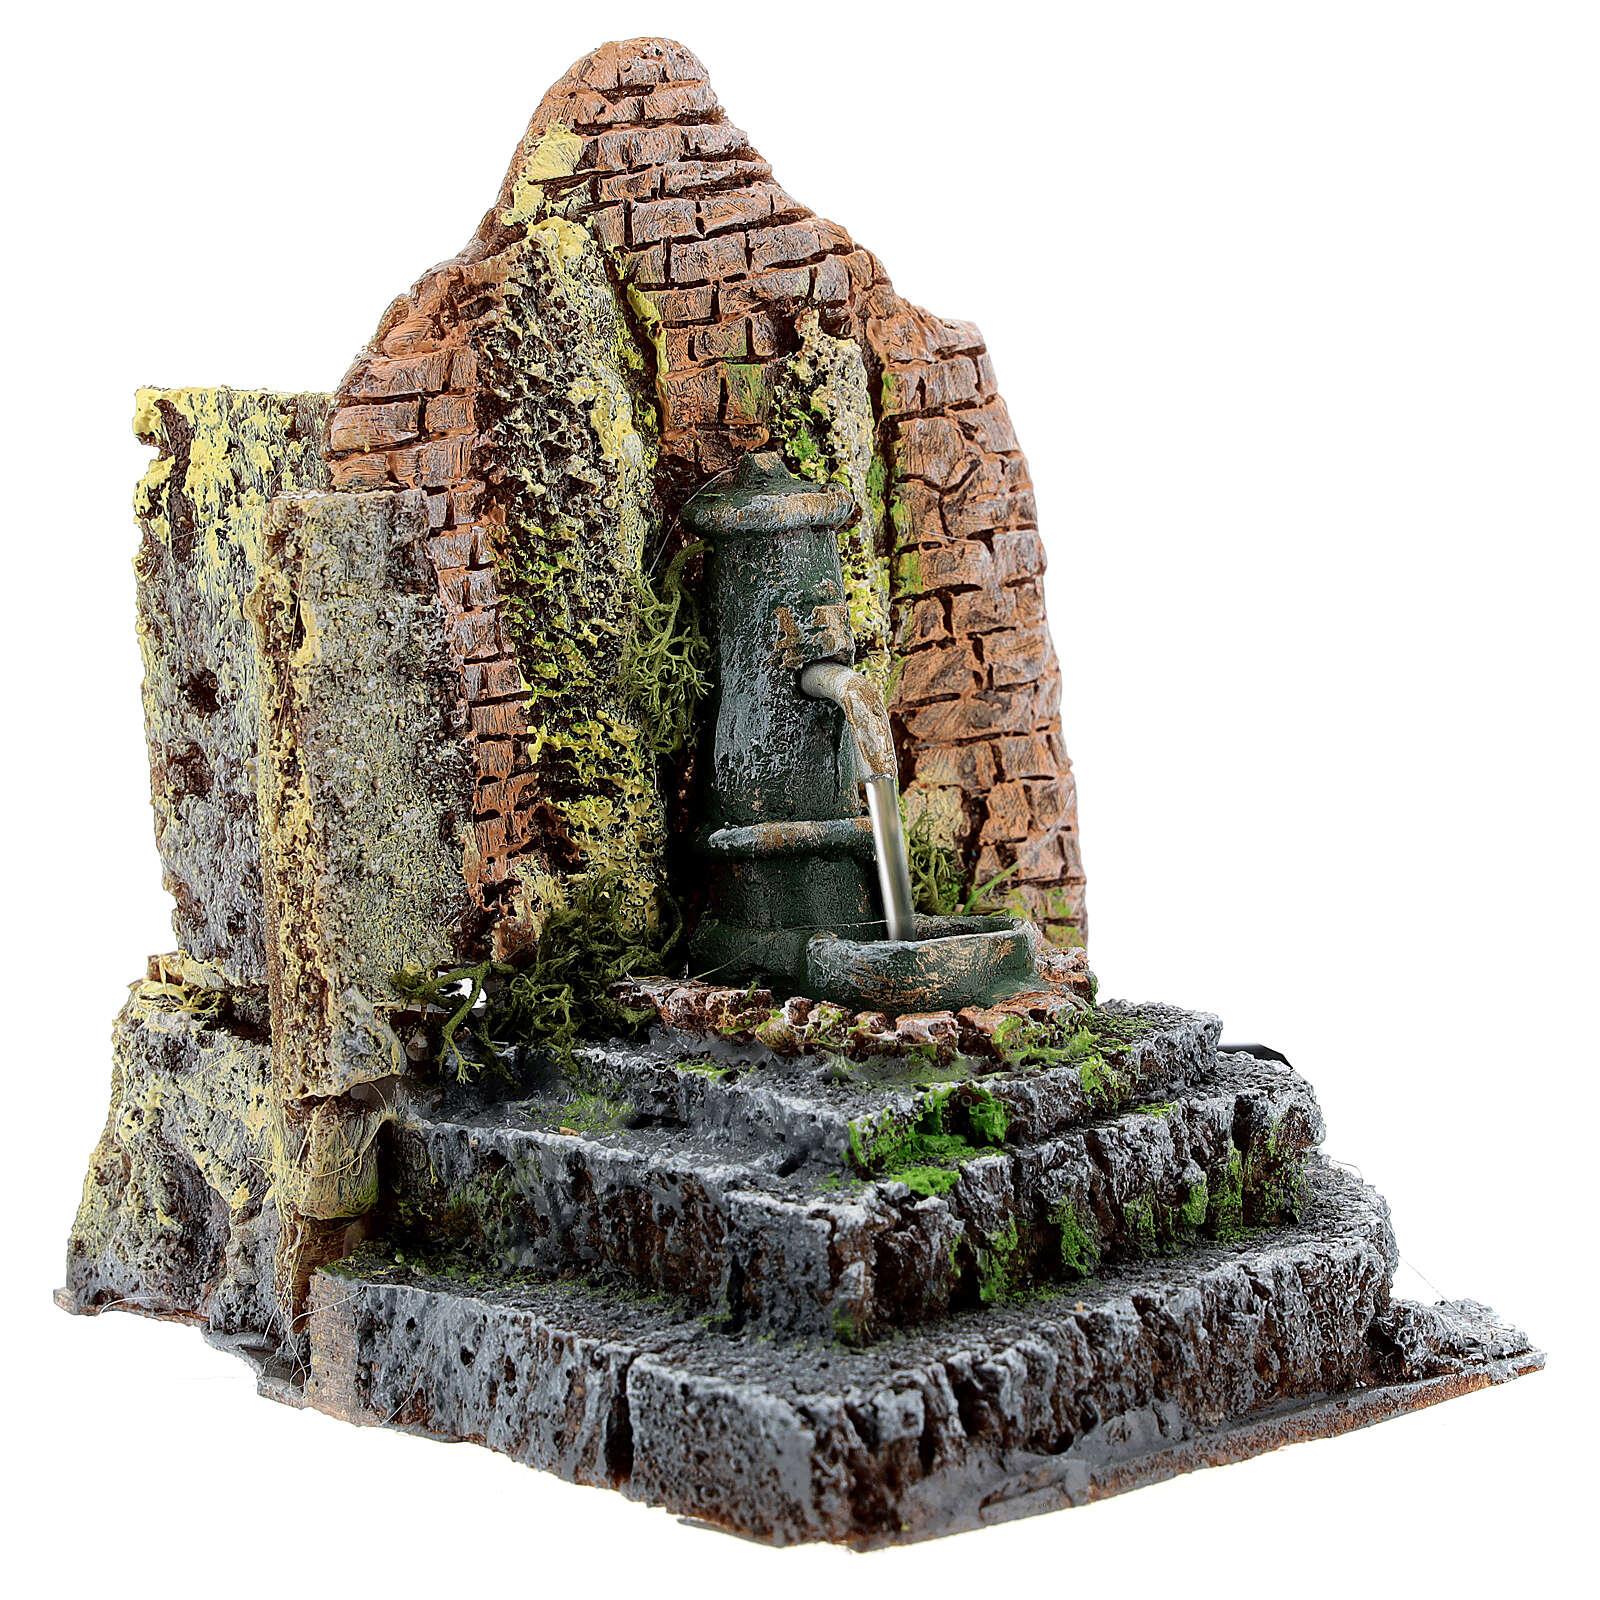 Working fountain in masonry Nativity Scene 10-12 cm 14x13x12 cm 4